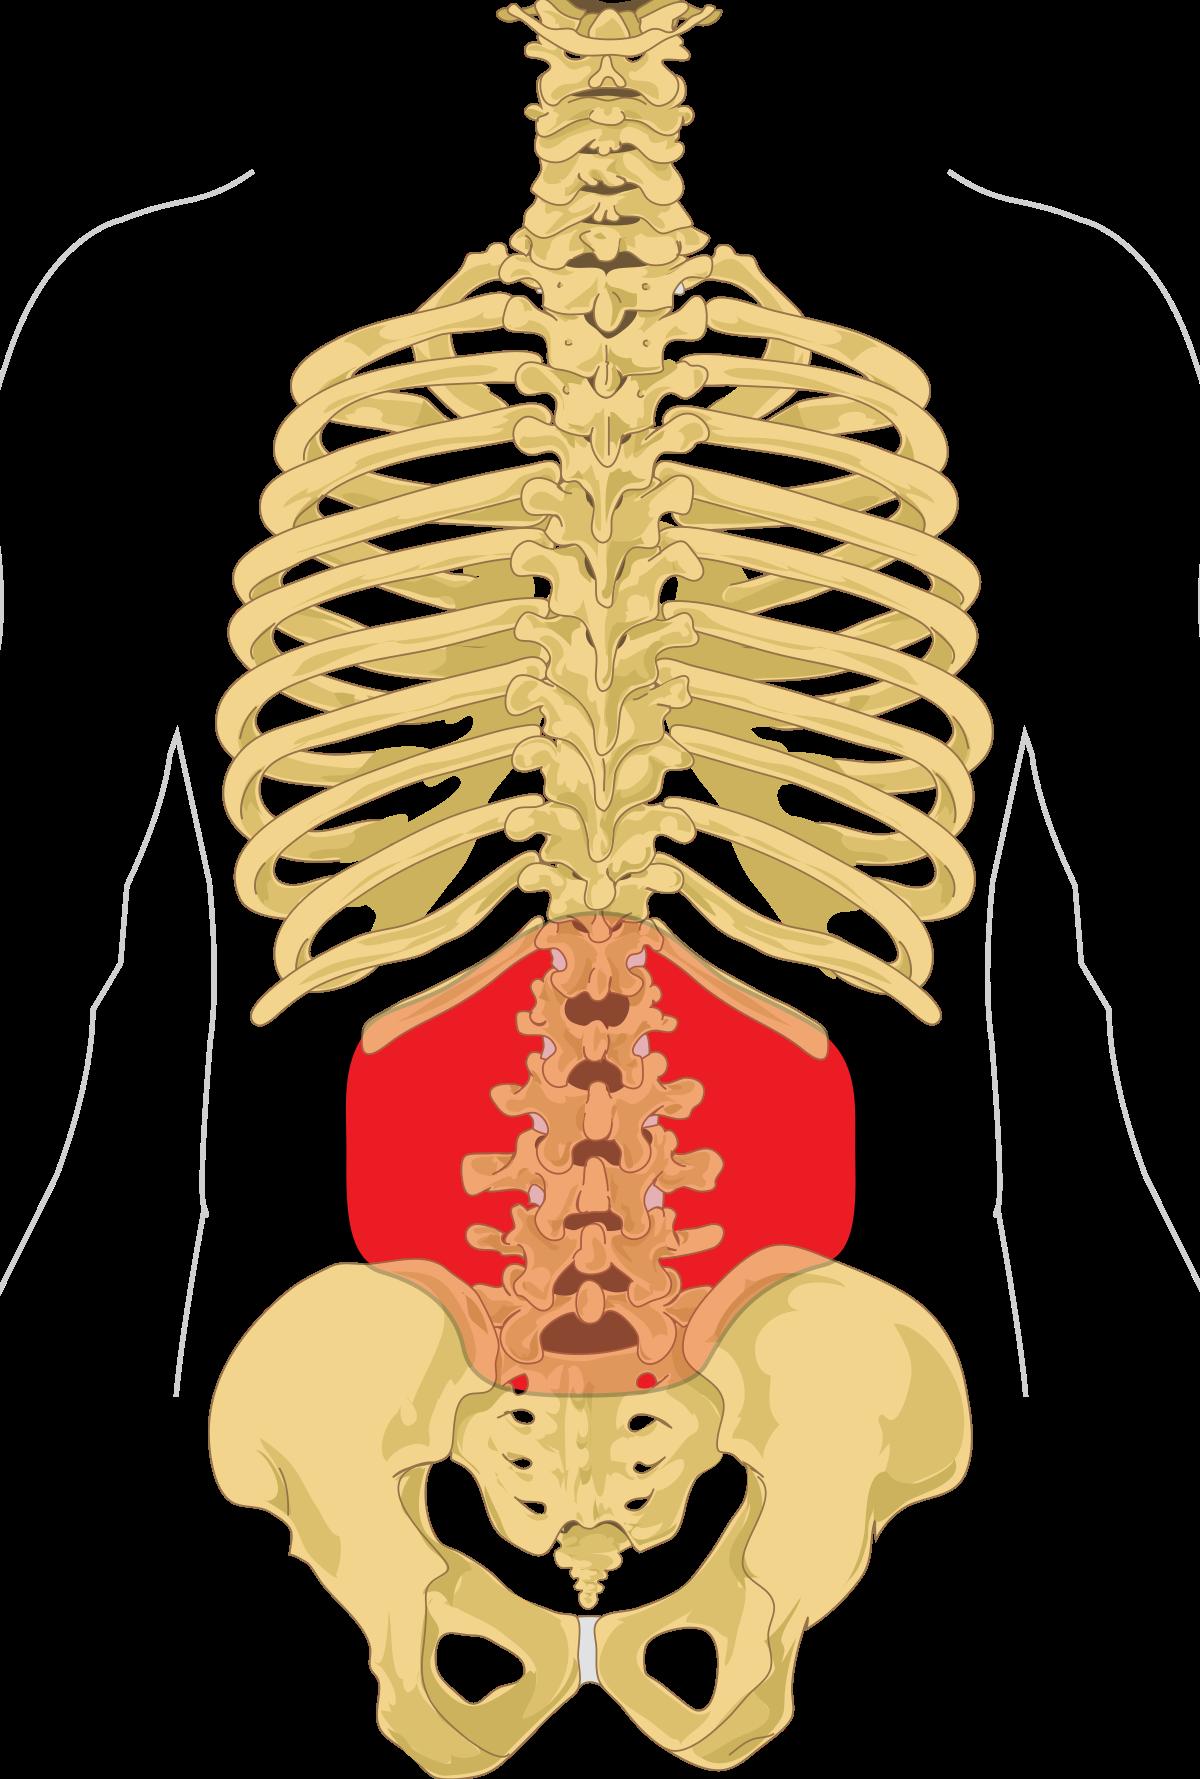 radonfürdők artrózis kezelésére